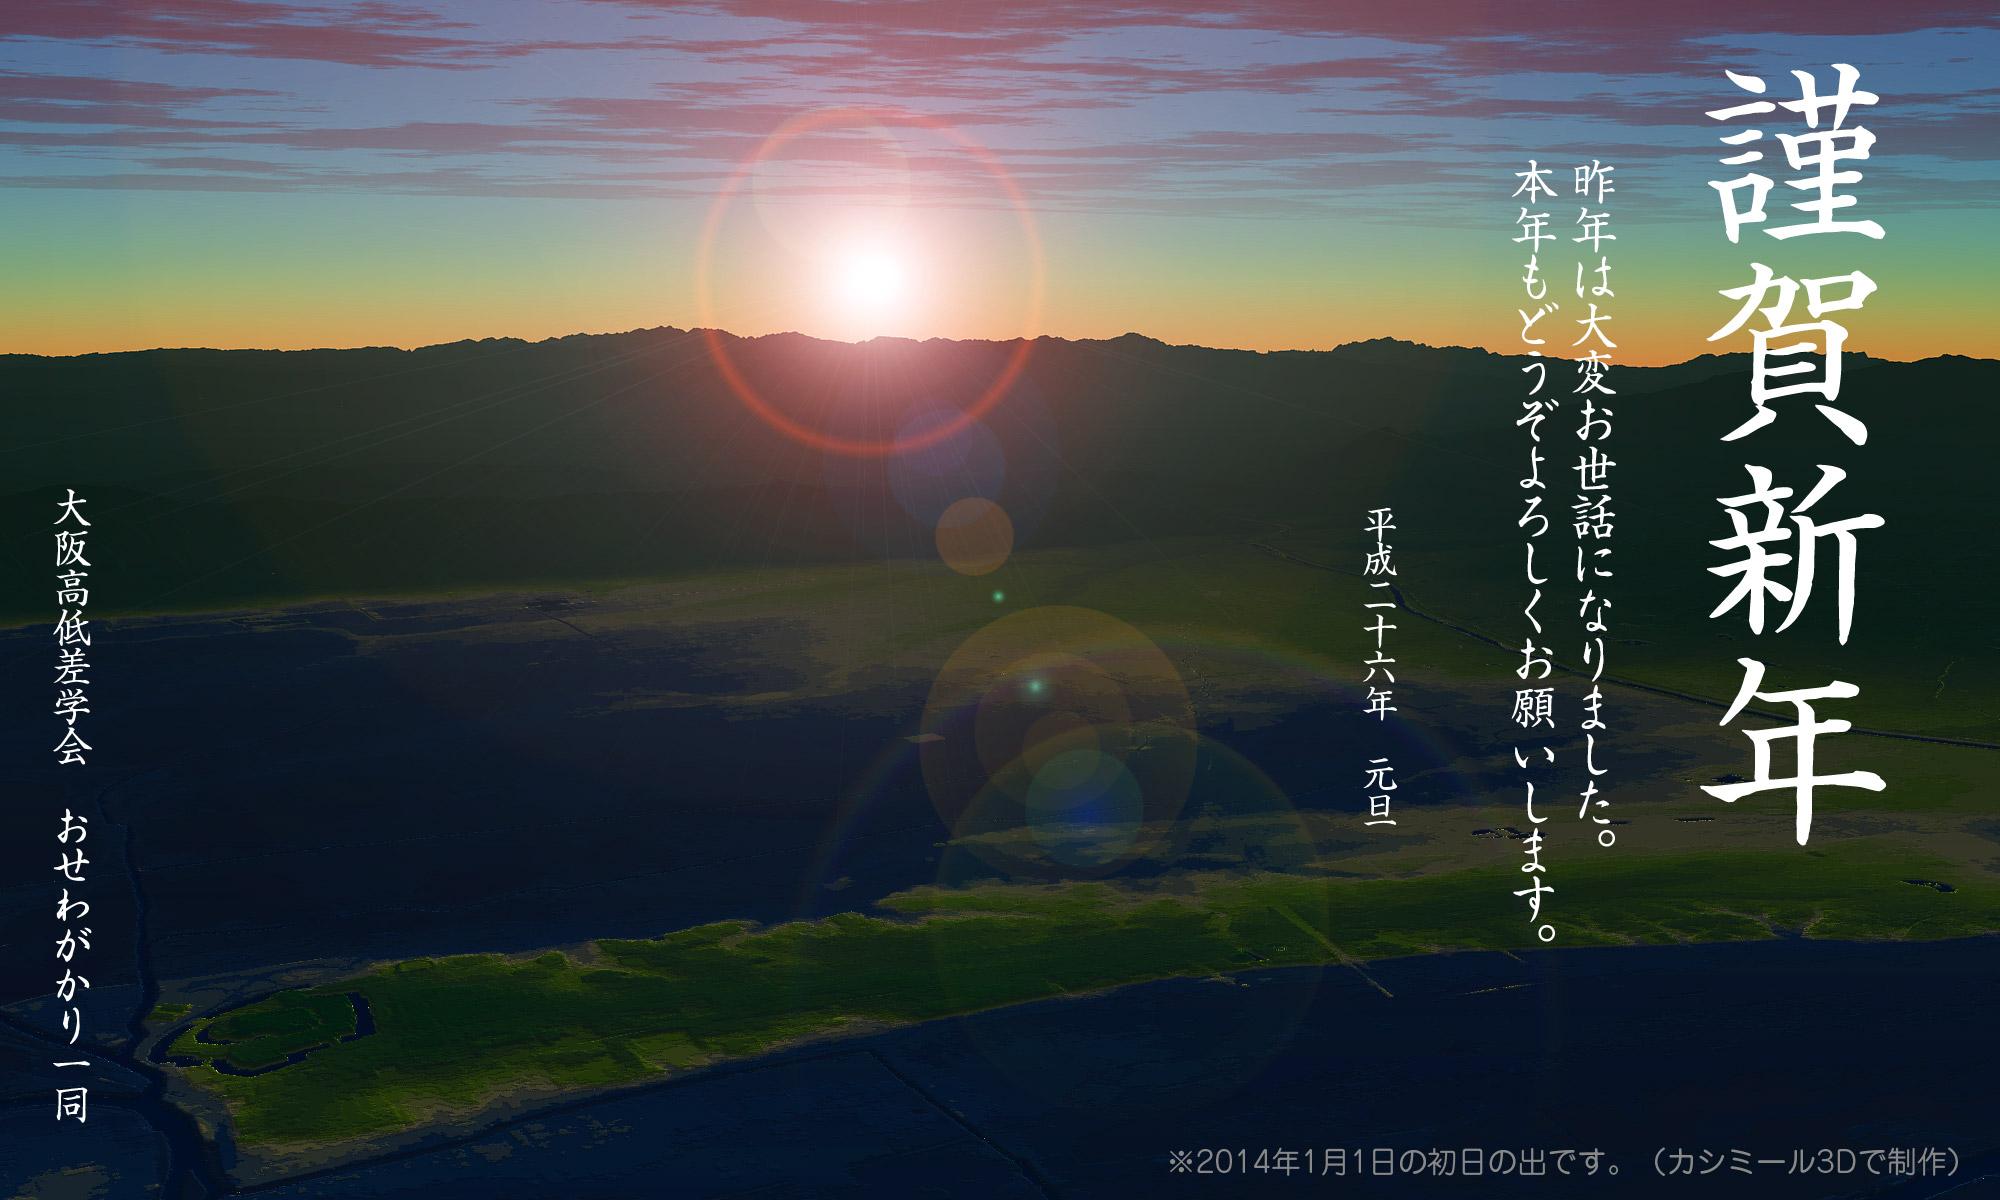 nenga2014_4_.jpg